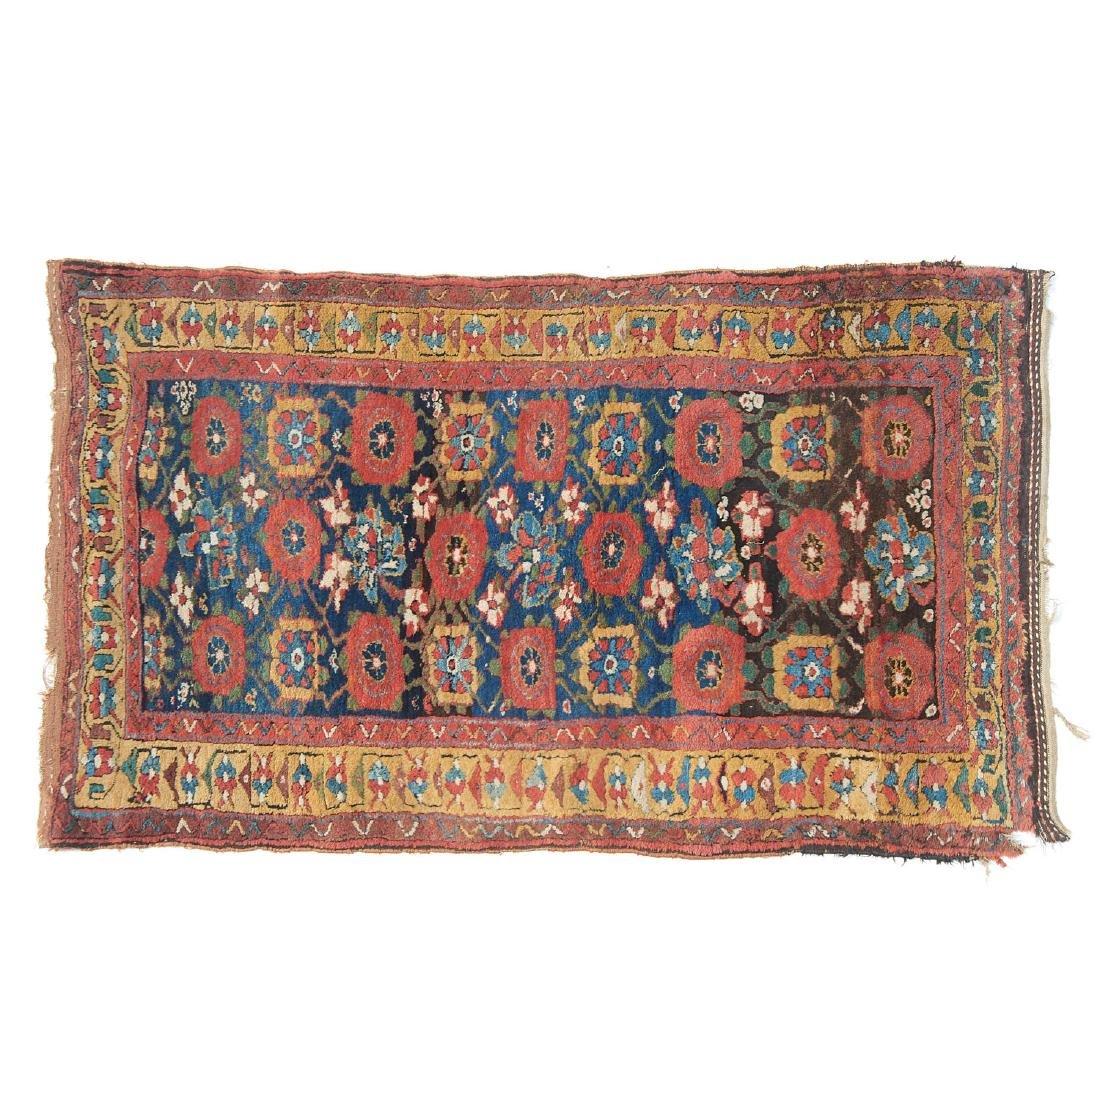 Kazak rug, ex museum